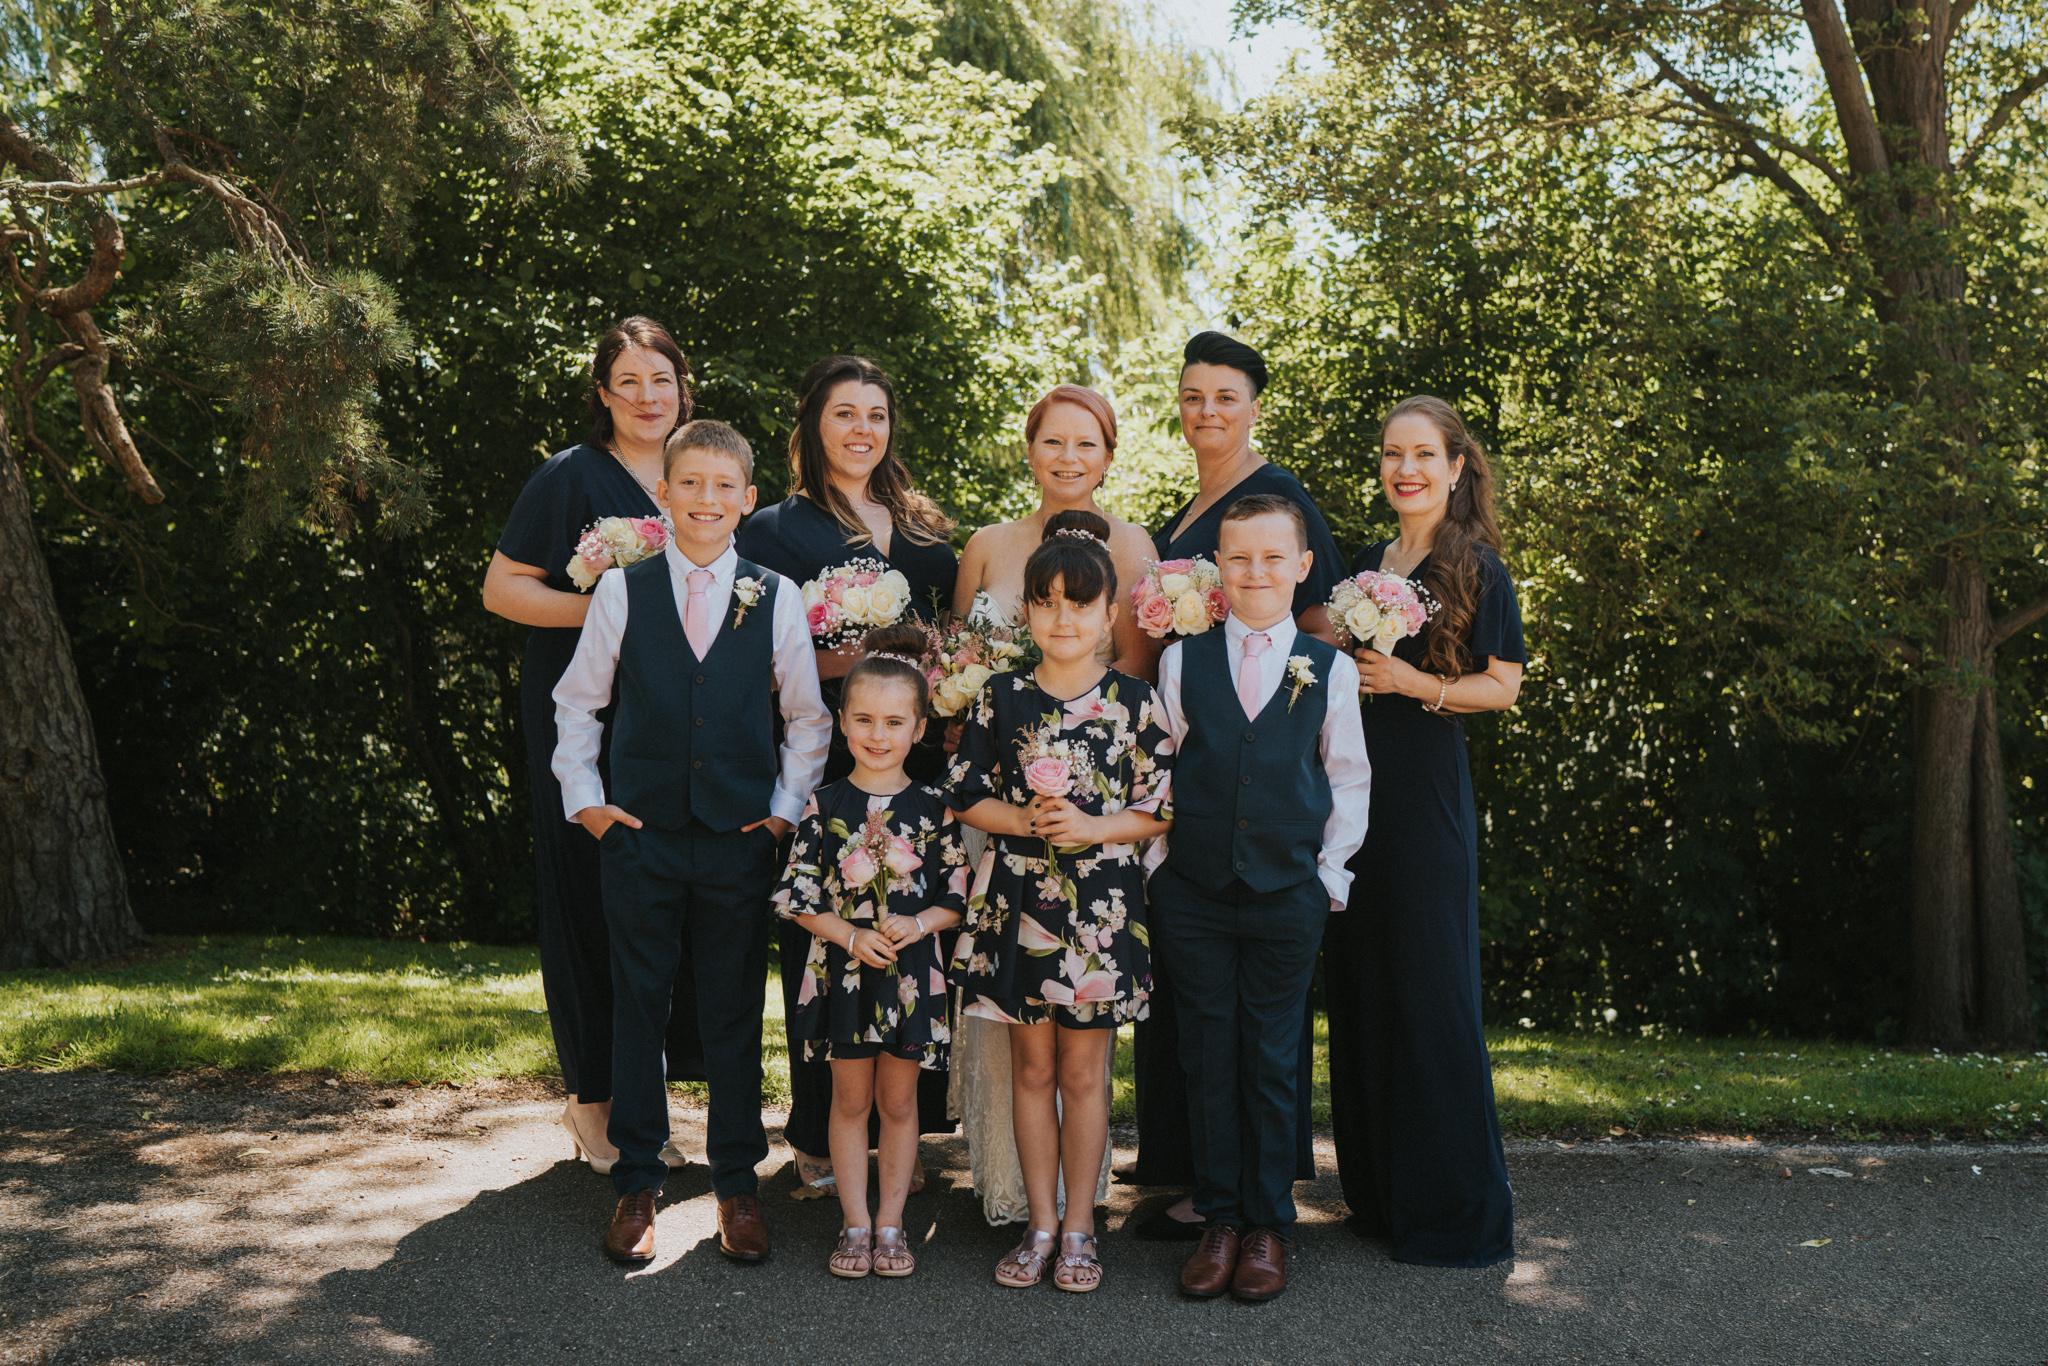 steph-neil-red-brick-barn-rochford-wedding-grace-elizabeth-colchester-essex-alternative-wedding-photographer-essex-suffolk-norfolk-devon (7 of 43).jpg